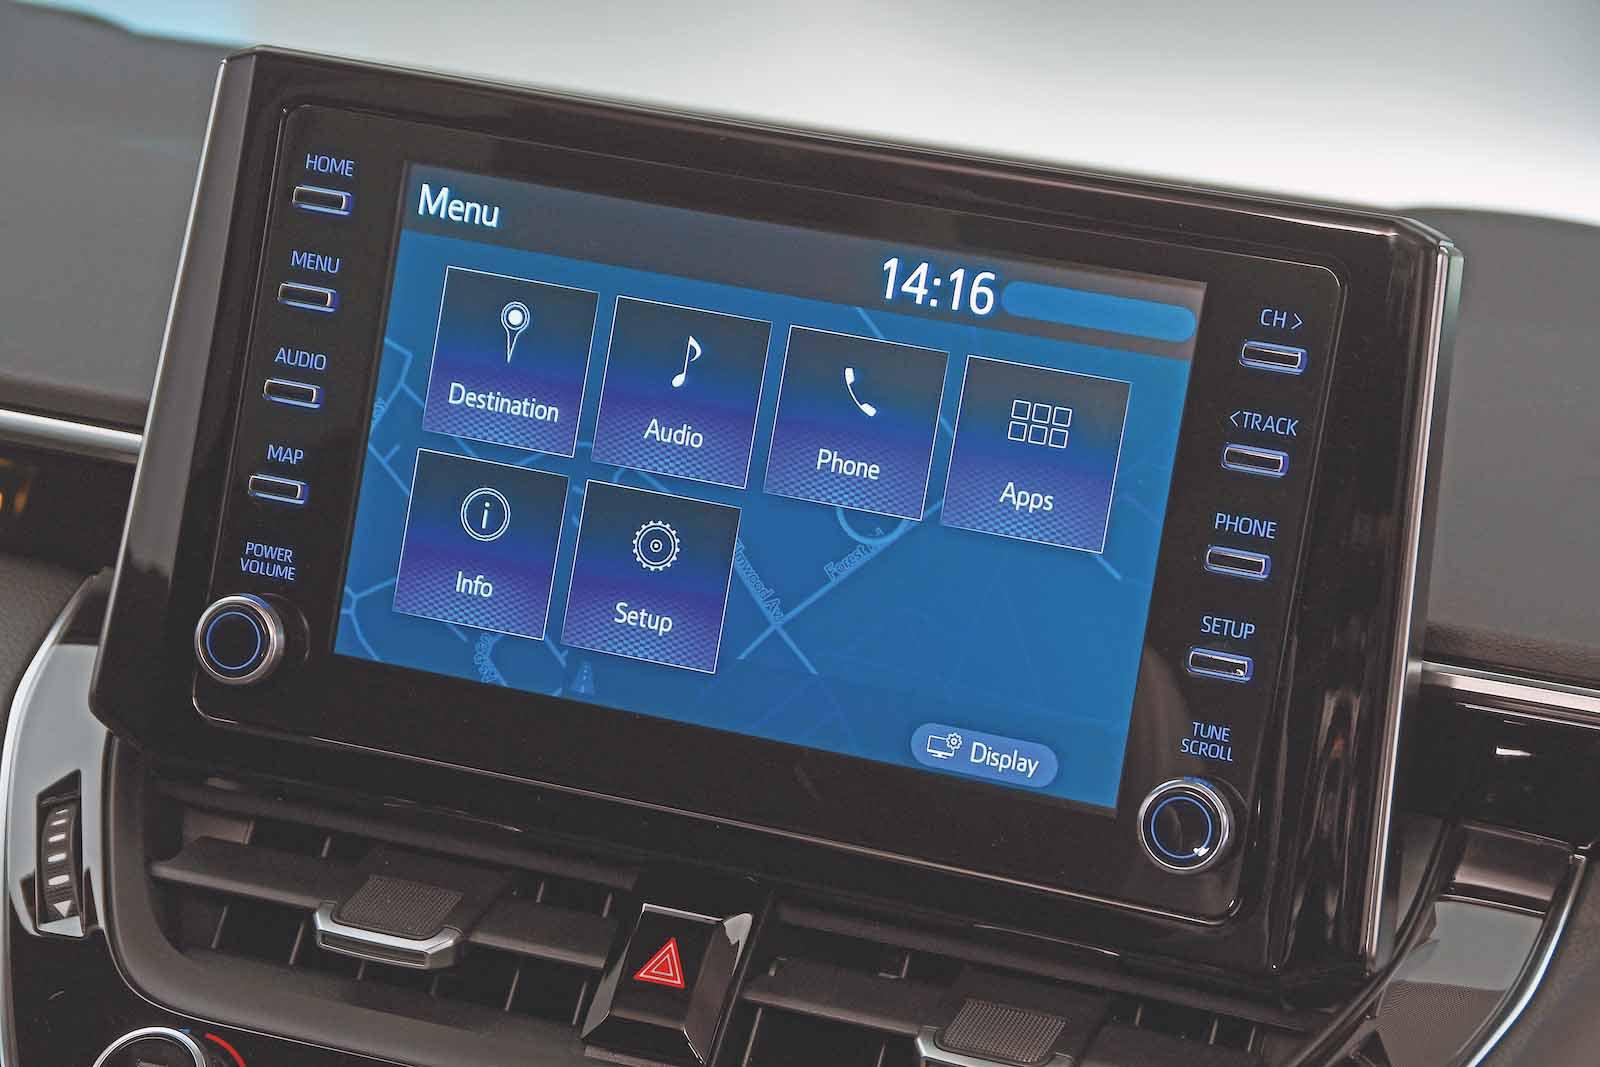 Toyota Corolla 2019 infotainment